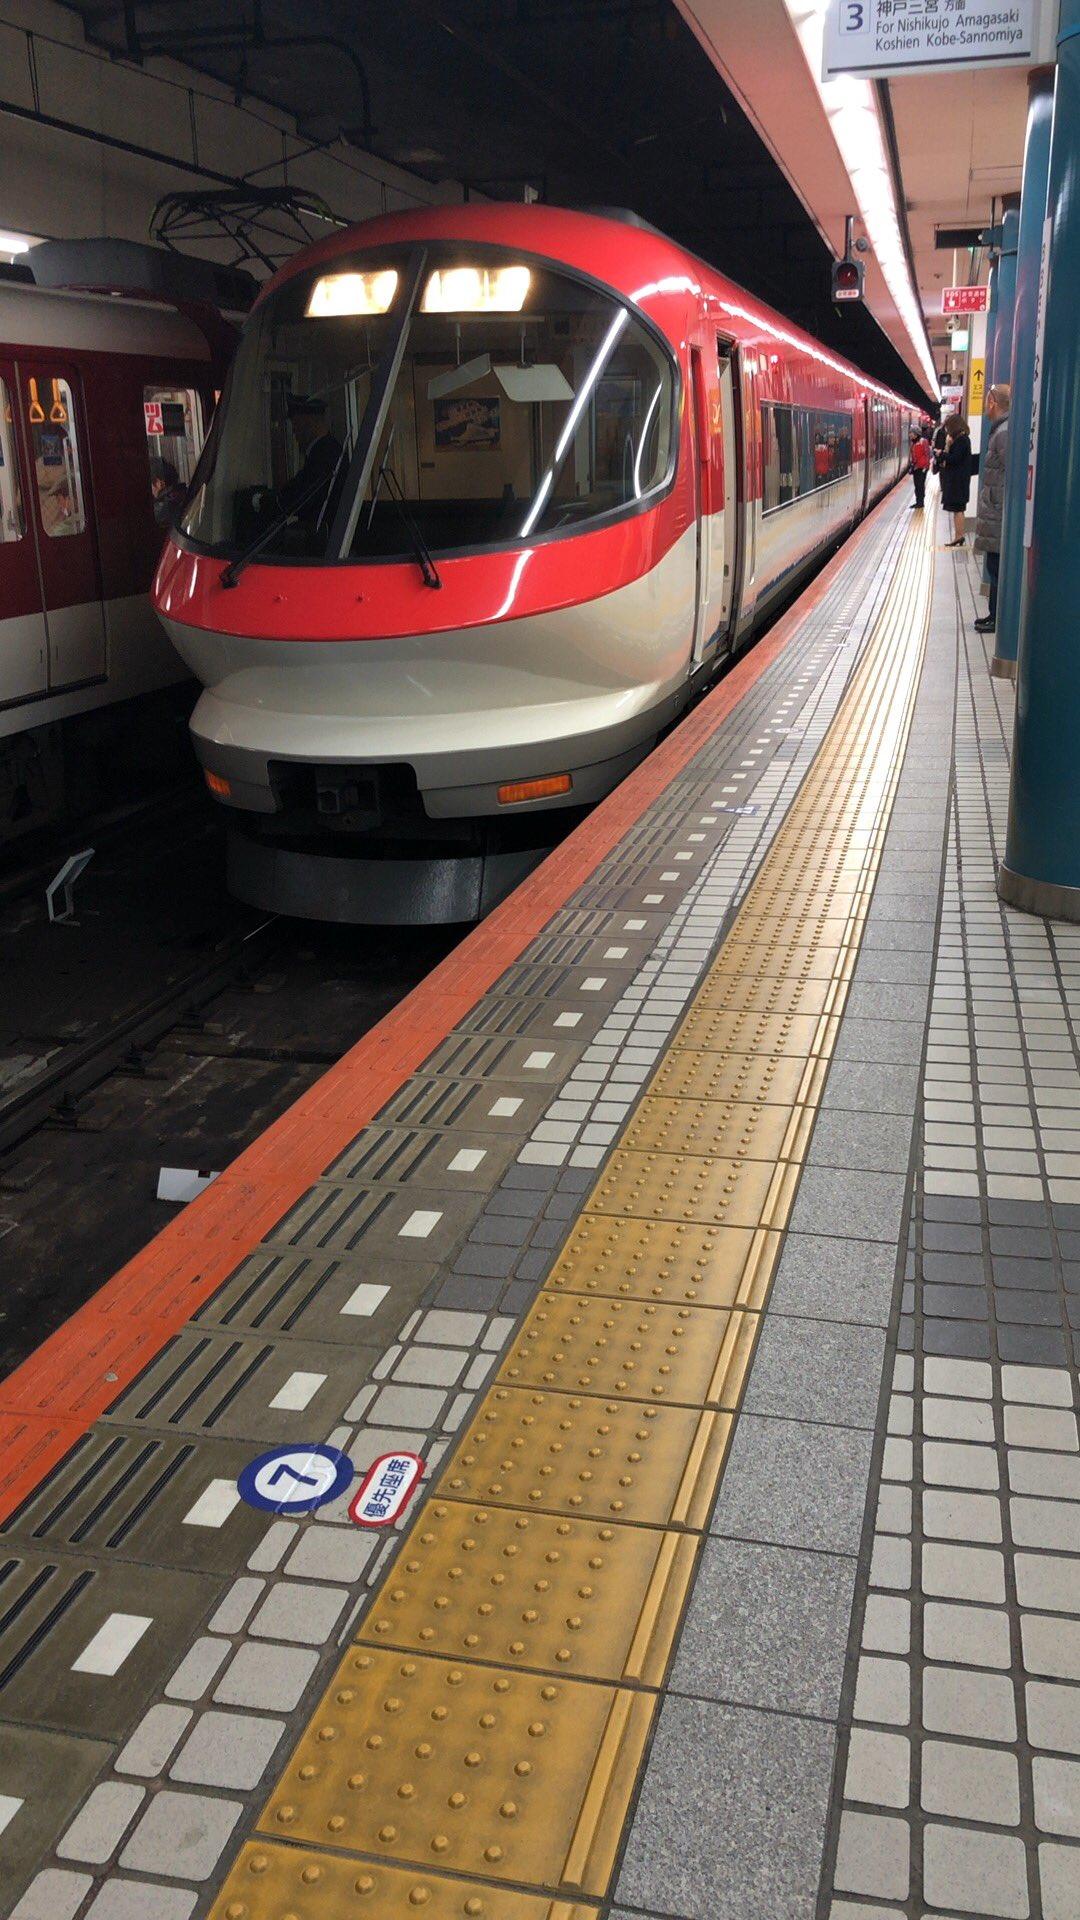 画像,人身事故の当該、伊勢志摩ライナーが大阪難波に到着。スカートに血がうっすらついてる#近鉄#伊勢志摩ライナー#大阪難波#人身事故 https://t.co/NTpz…